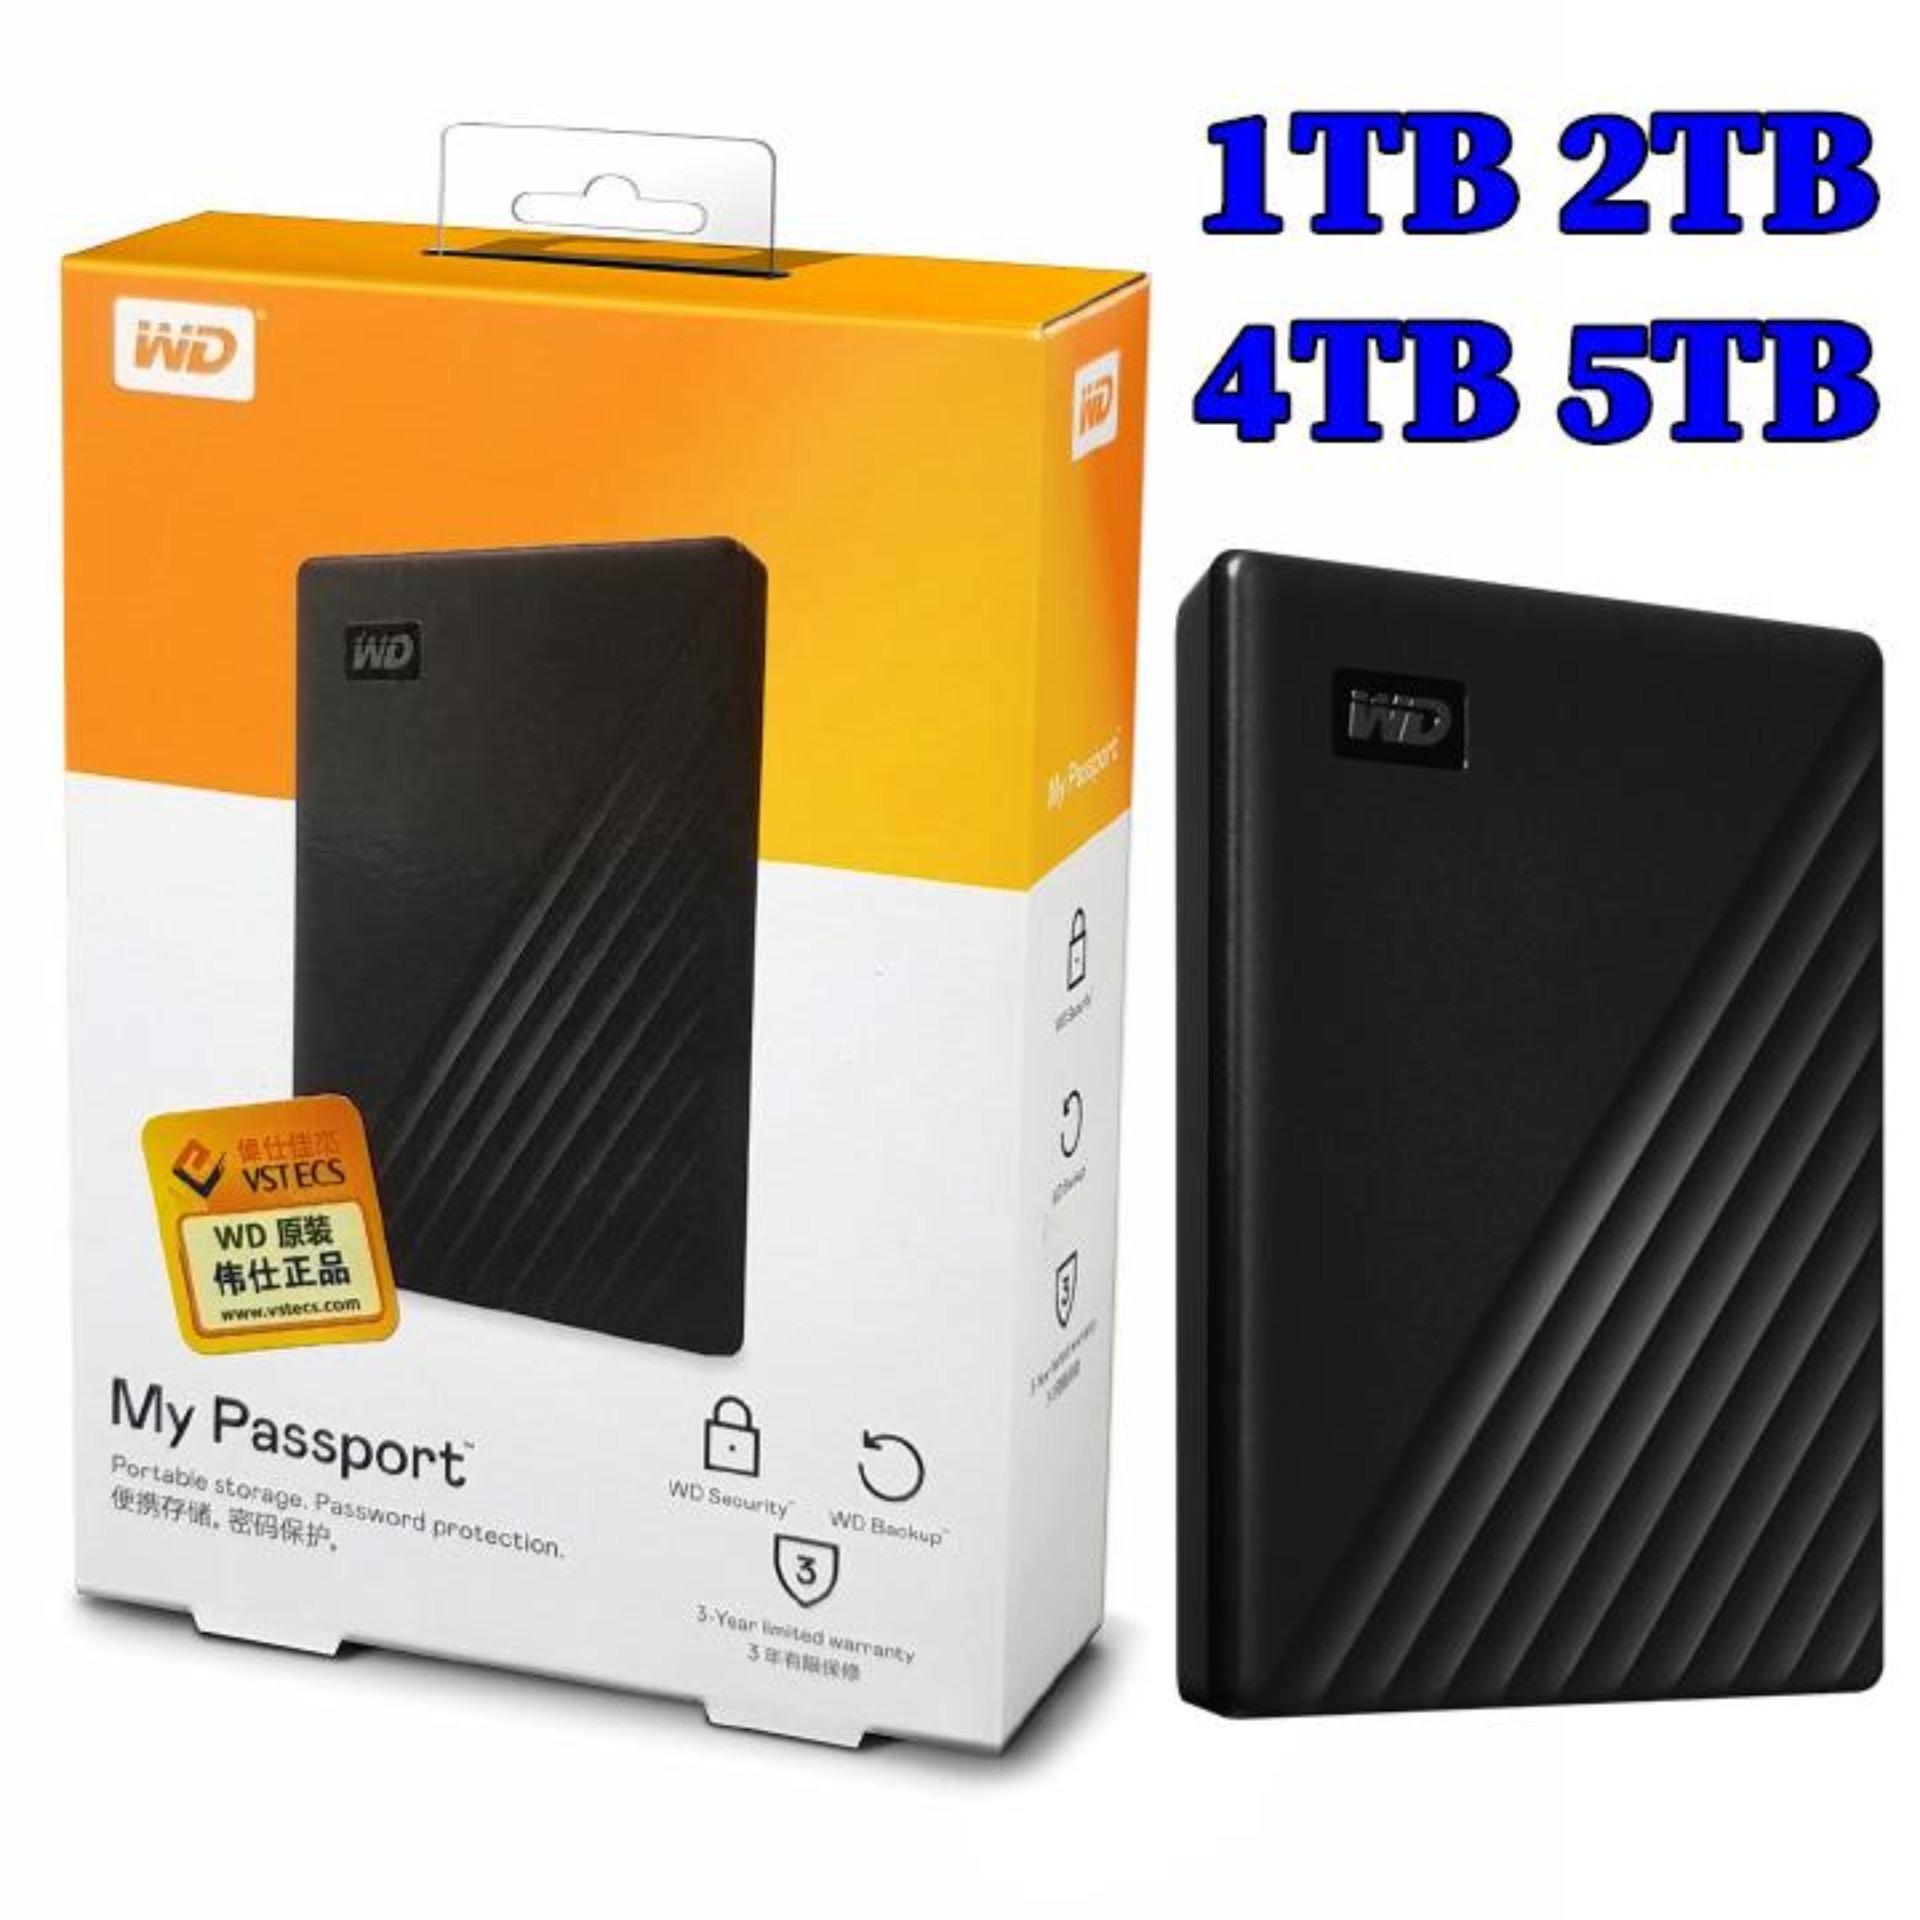 Ổ cứng di động WD My Passport 2TB - Hàng Nhập Khẩu